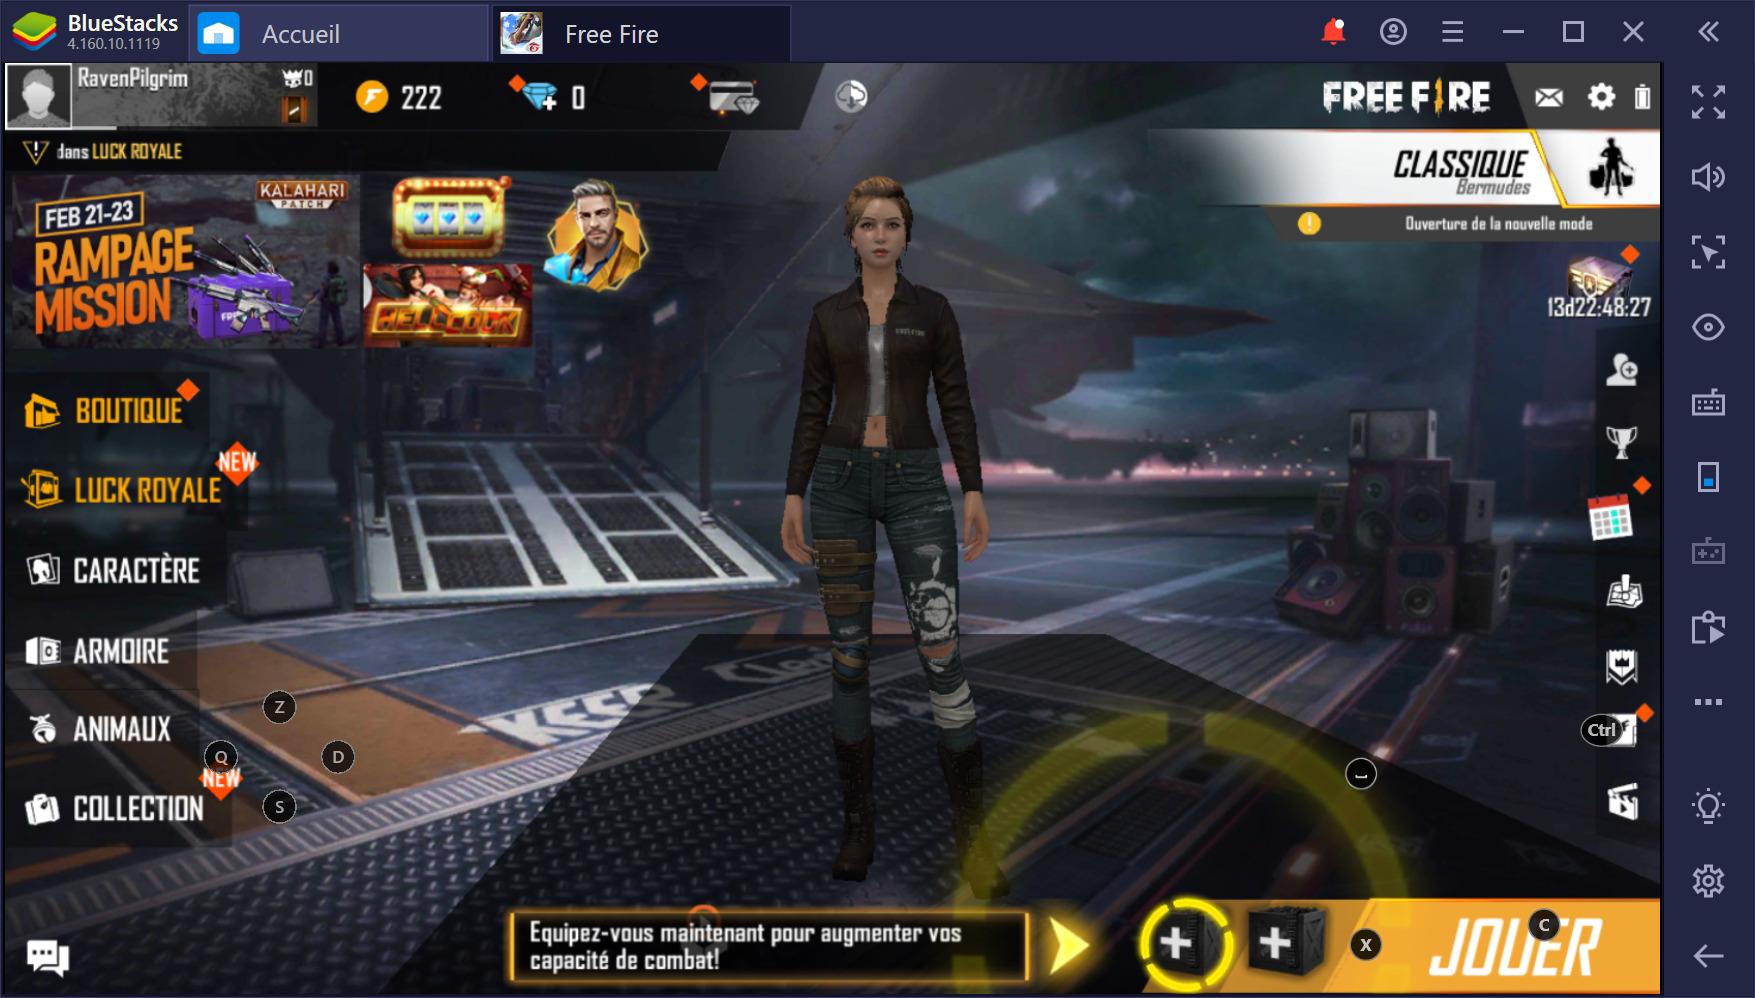 Free Fire sur PC : Guide 2020 sur les armes